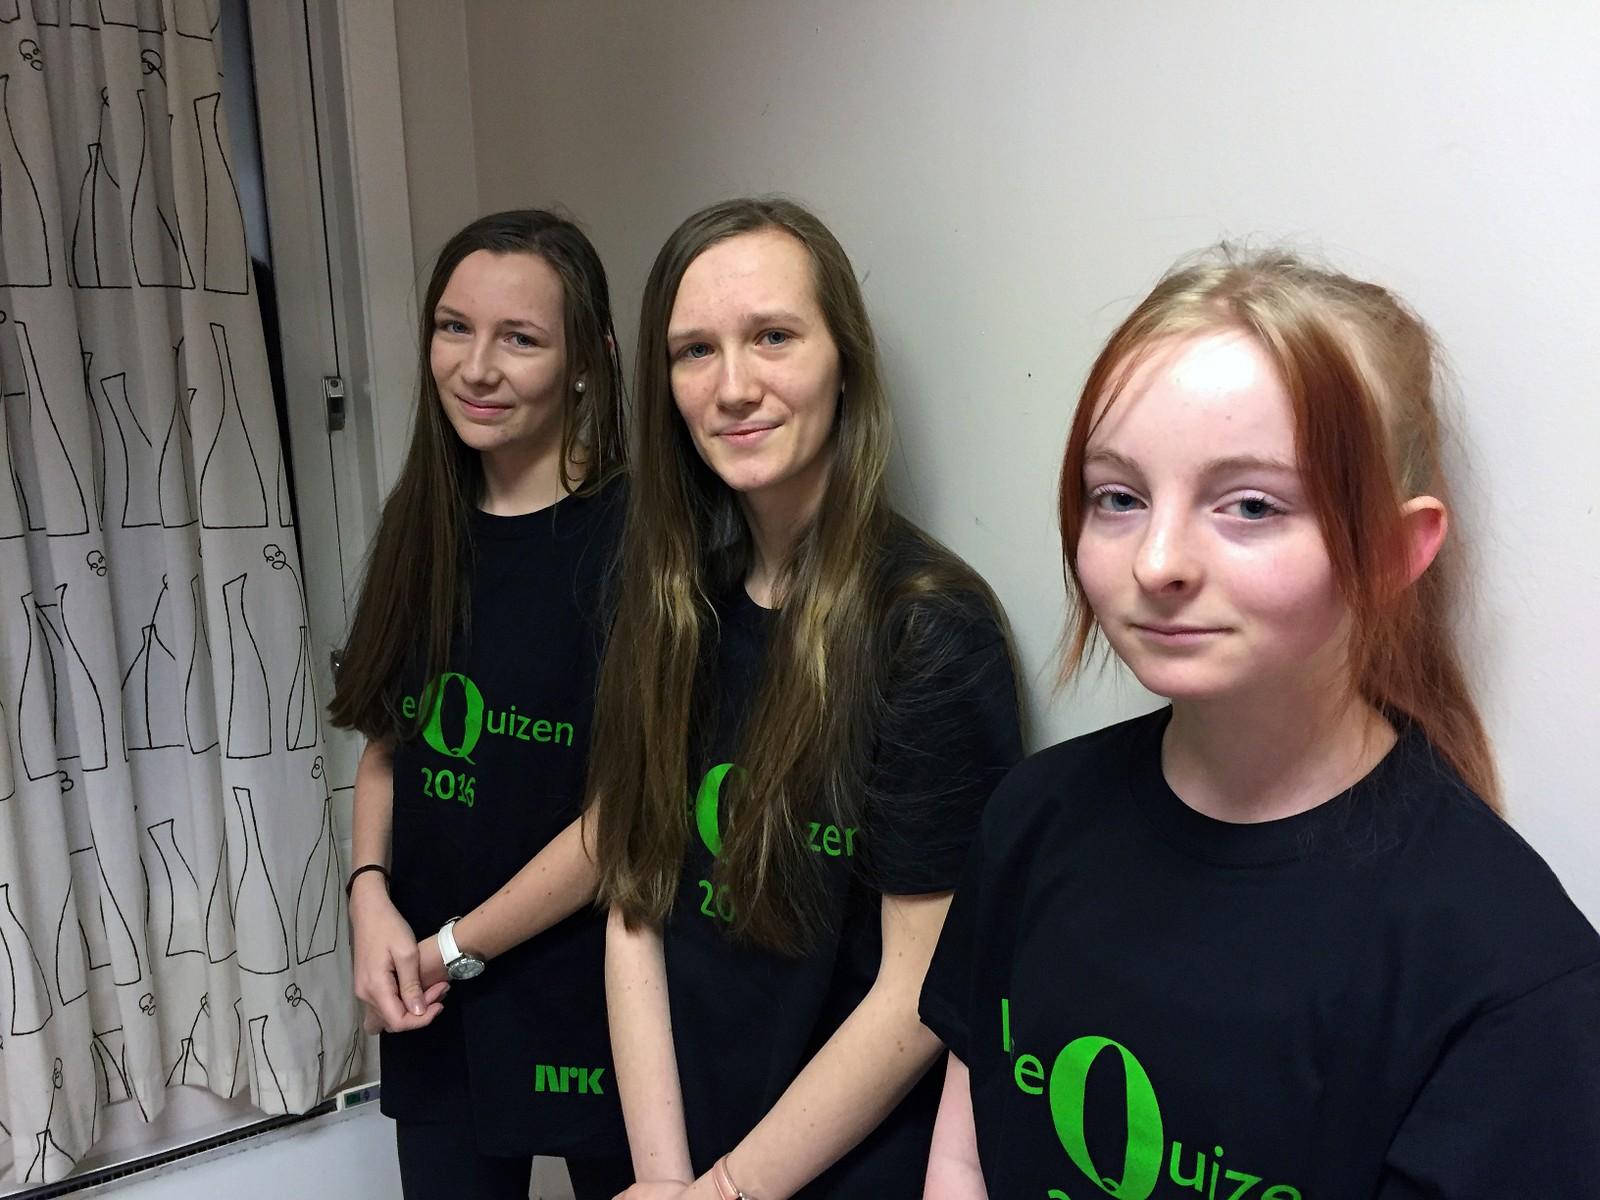 Karen Alfsnes Larsen, Ragnhild Alfsnes Larsen og Julie Skoglund fra Vårtun kristne oppvekstsenter i Levanger fikk 8 poeng.